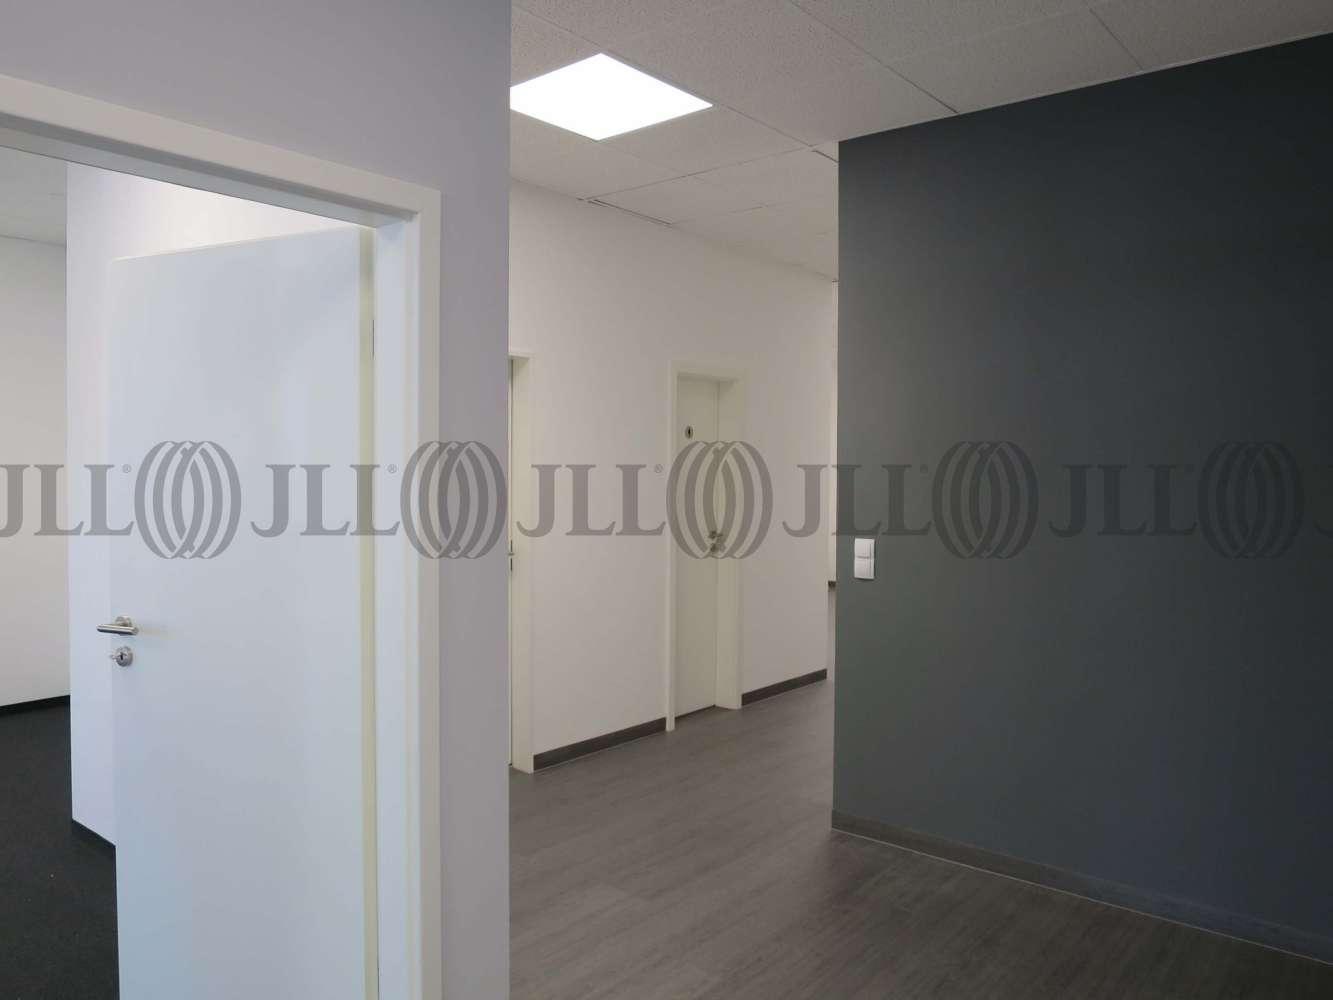 Büros Wiesbaden, 65205 - Büro - Wiesbaden, Nordenstadt - F0362 - 9585721